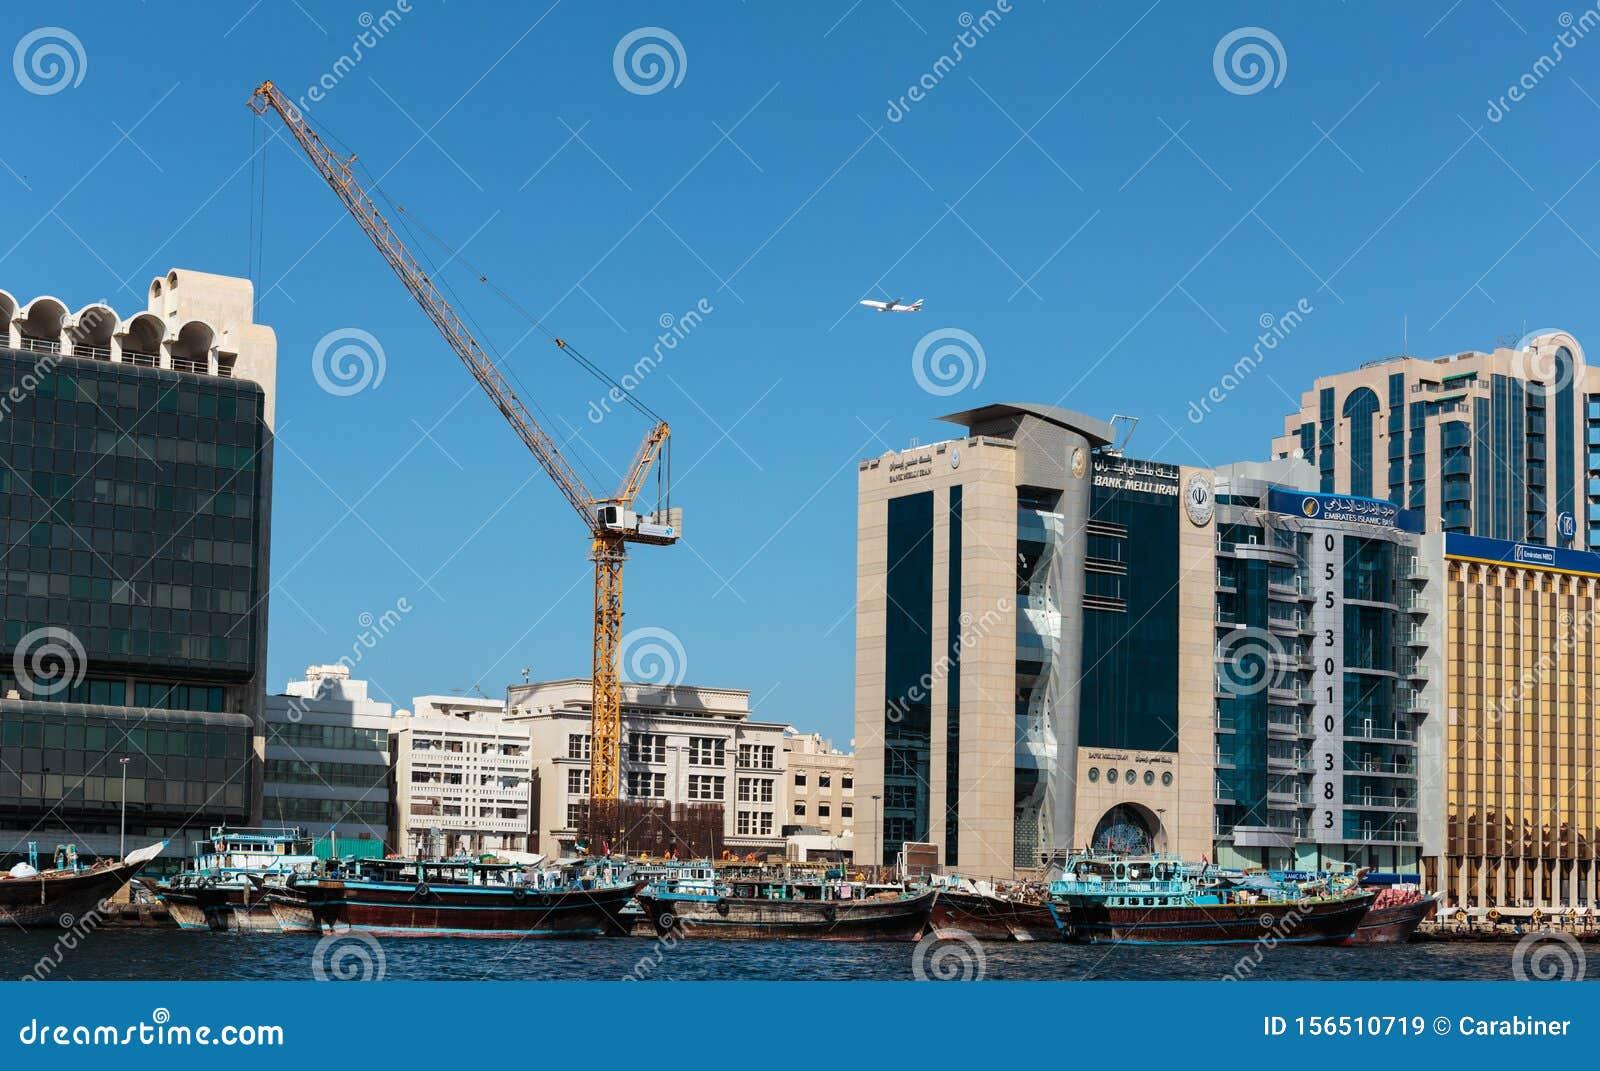 Порт саид дубай тбилиси недвижимость купить